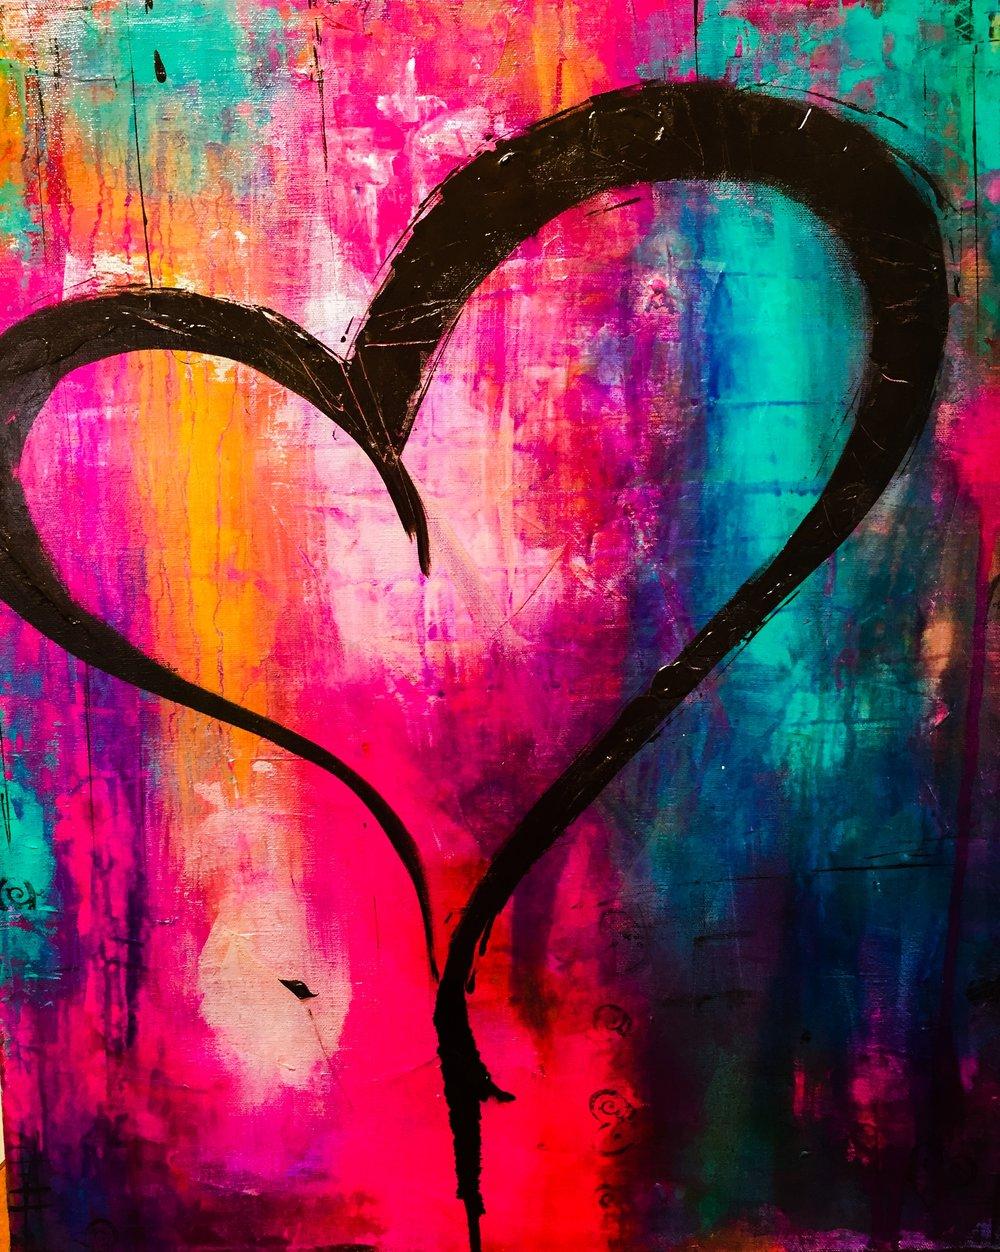 _Crayola+Heart_